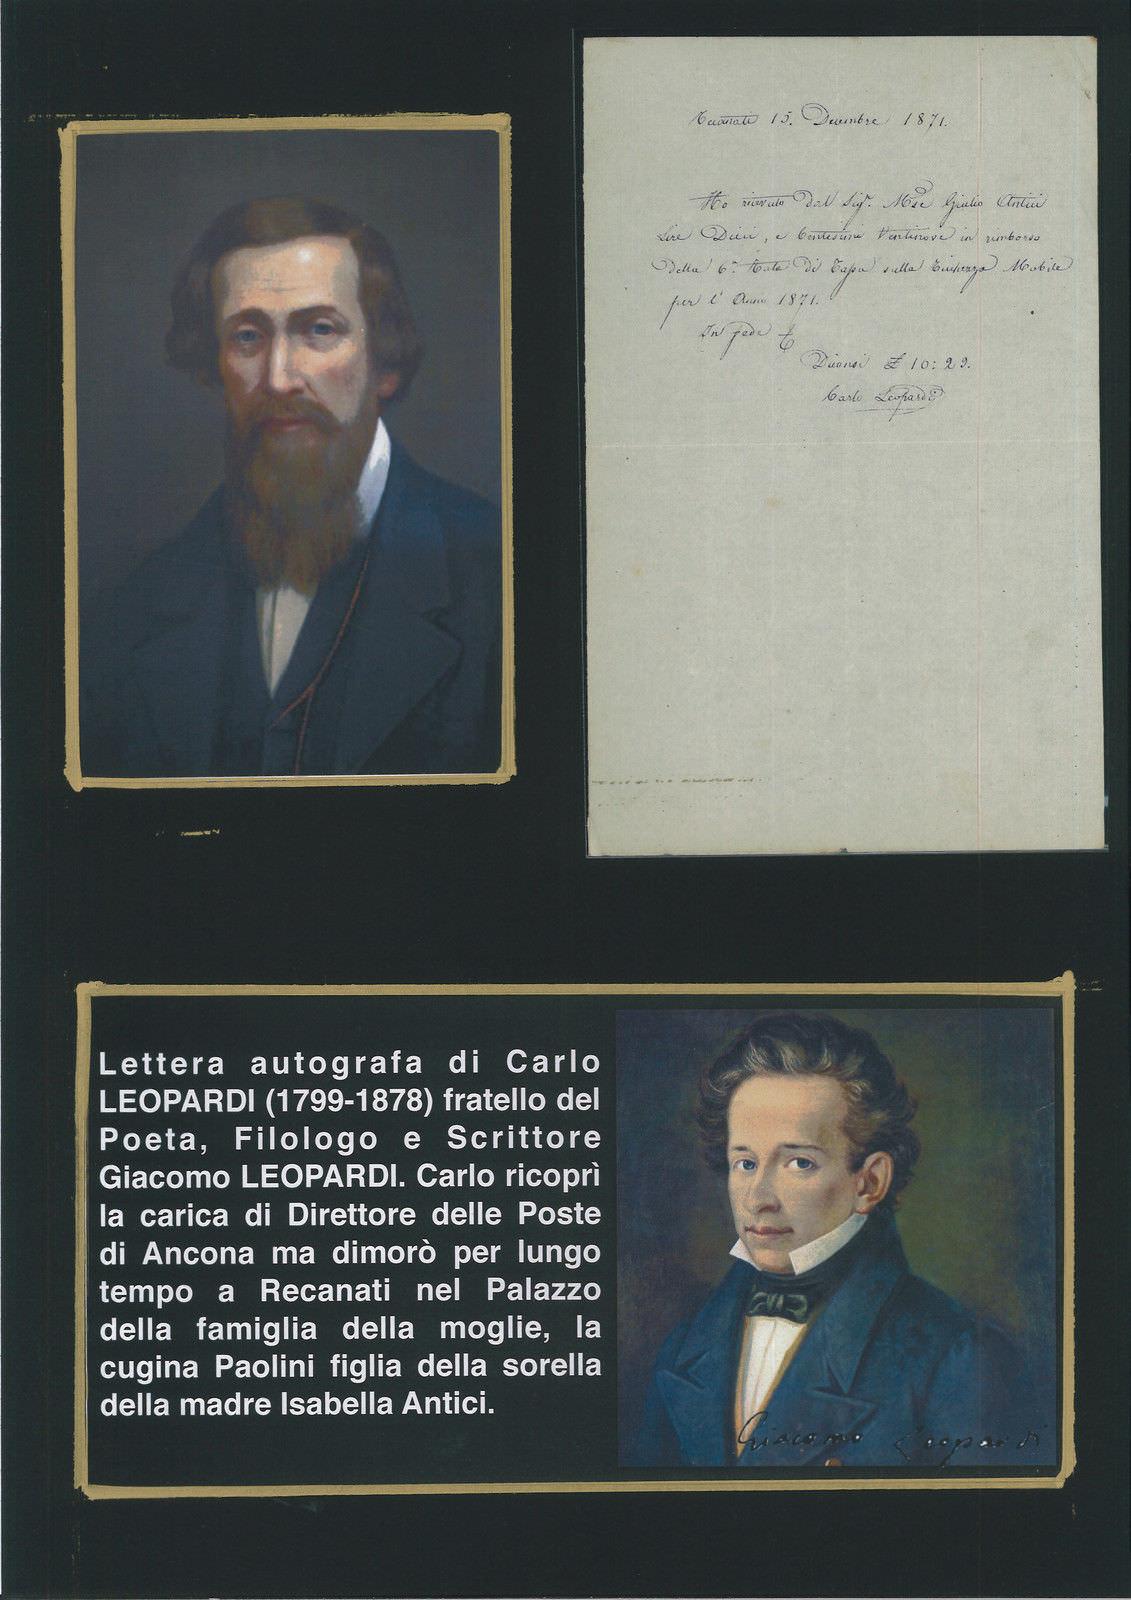 Carlo Leopardi